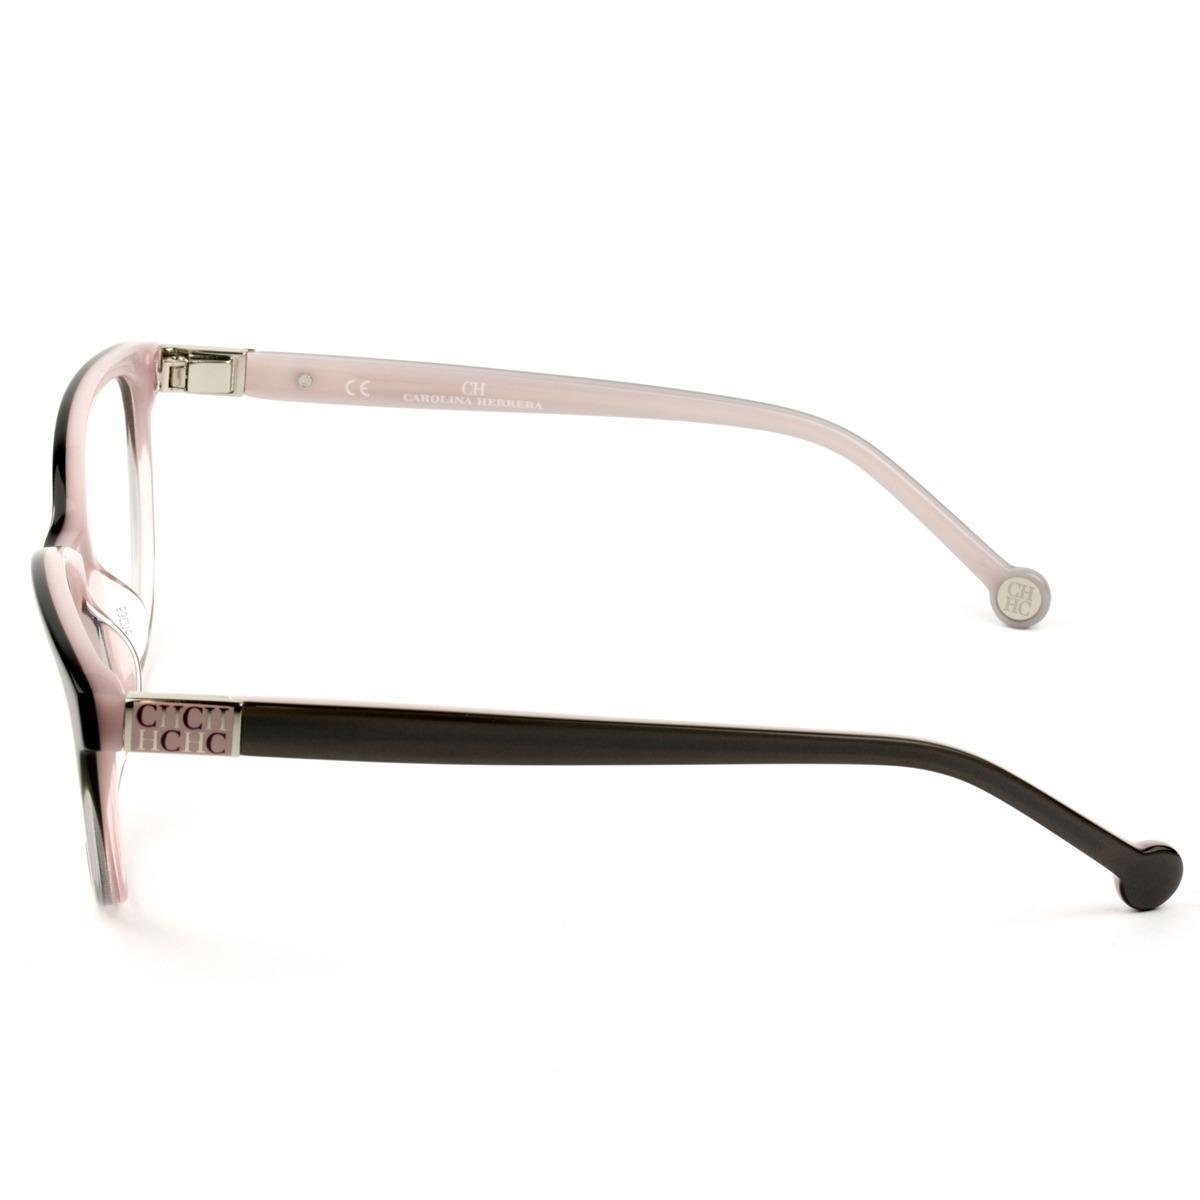 e208442519880 óculos carolina herrera vhe 720 0g49 53 - grau rosa. Carregando zoom.